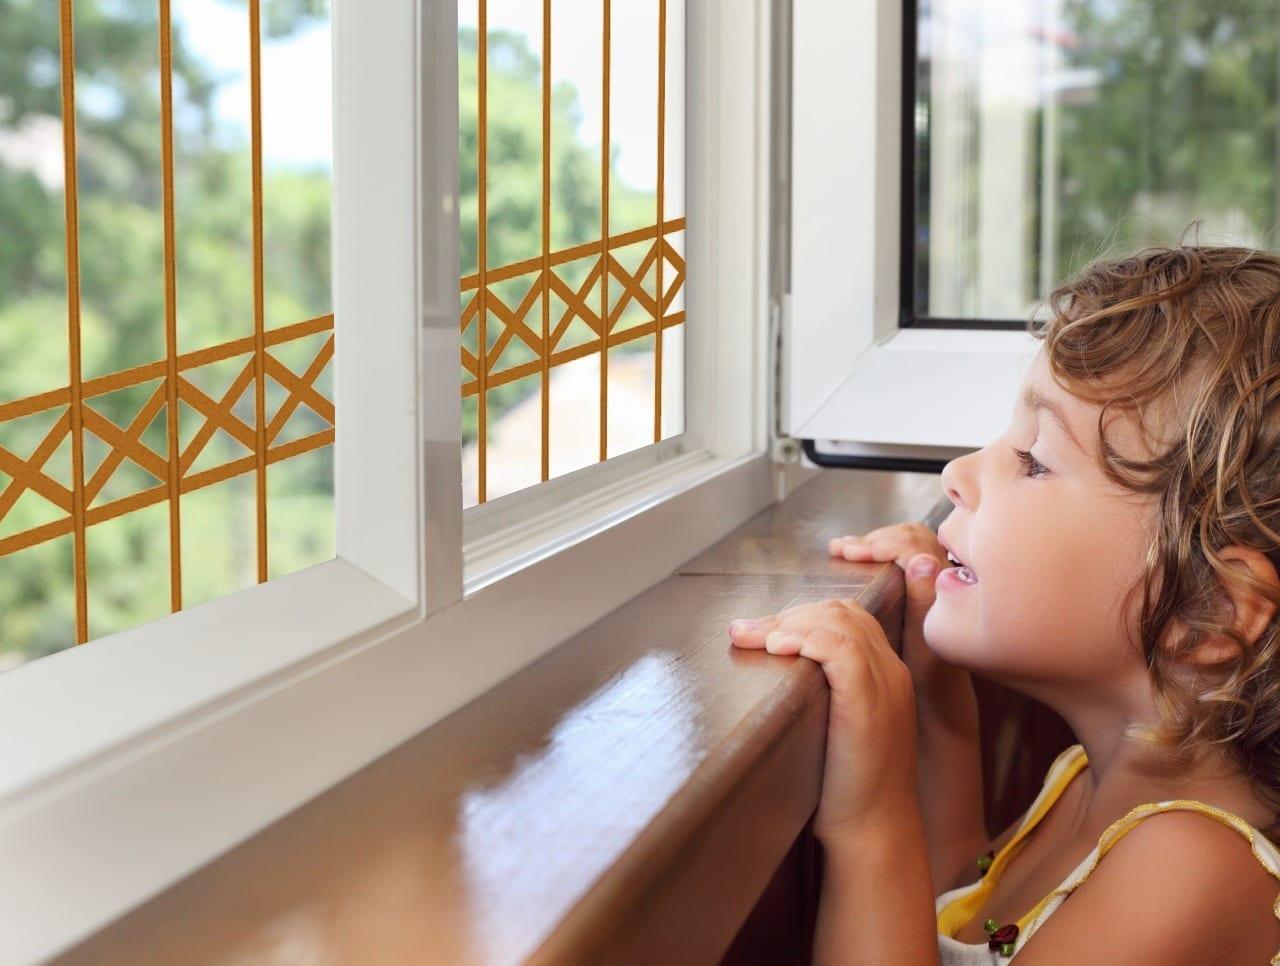 סורג מעוצב לחלון במגוון צבעים